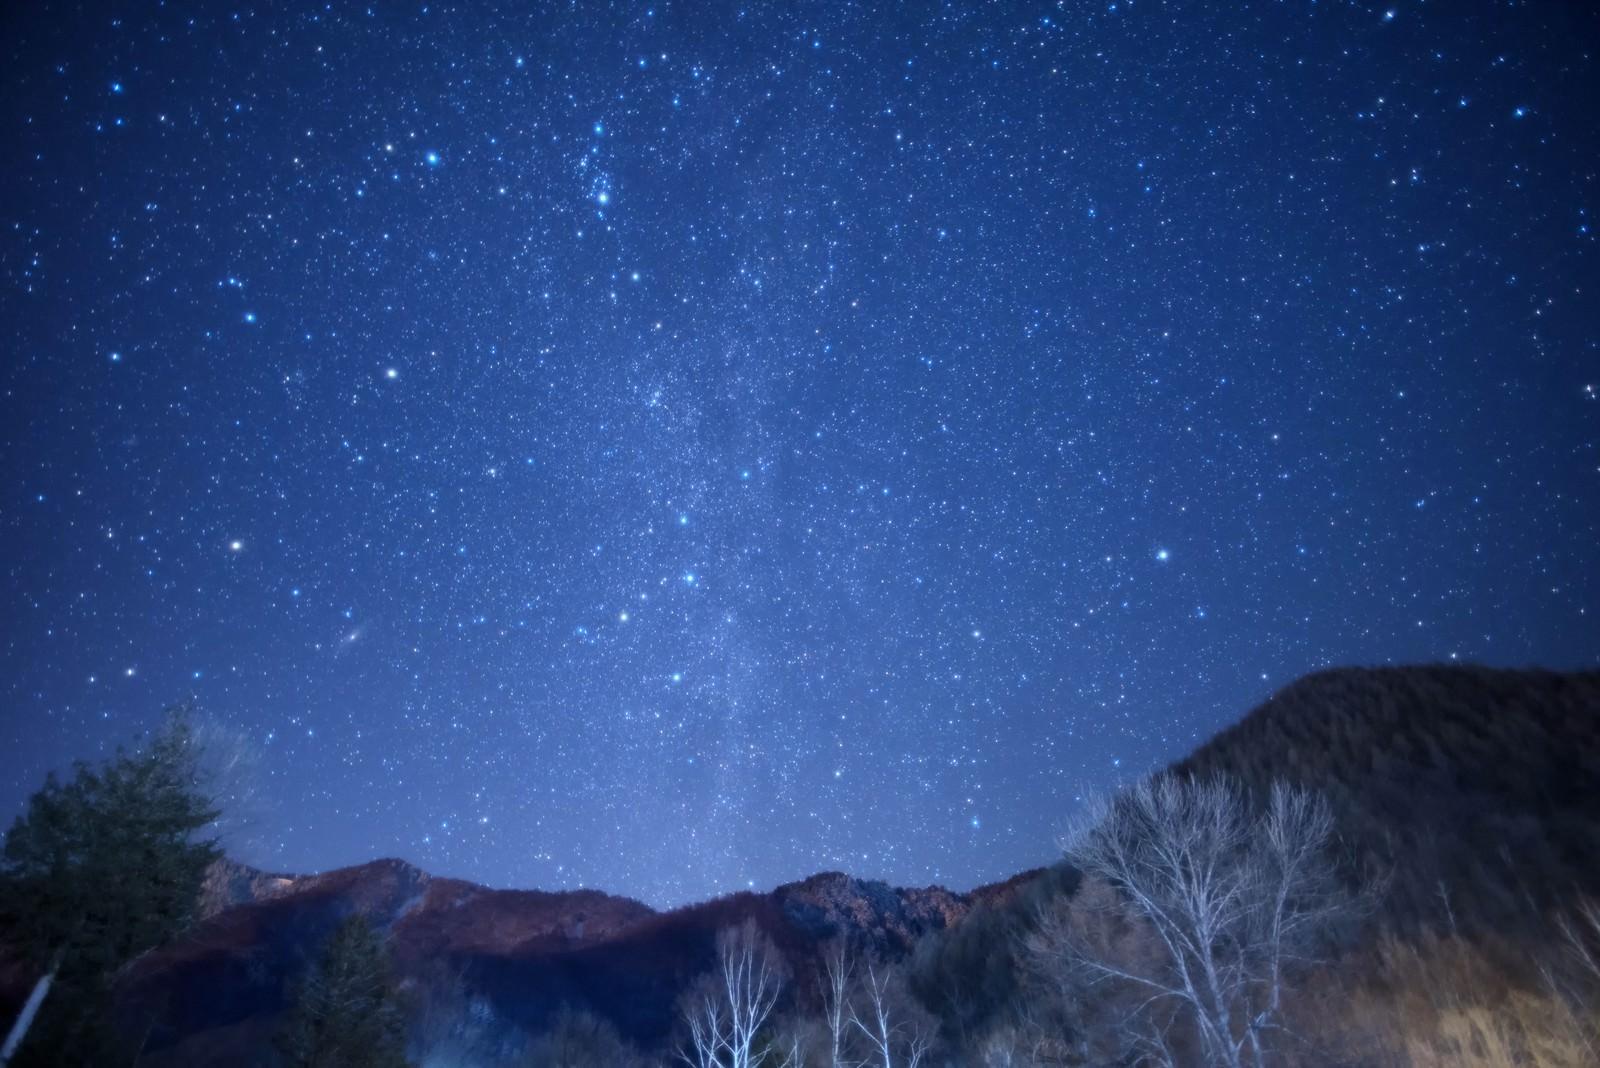 「乗鞍高原の星空乗鞍高原の星空」のフリー写真素材を拡大